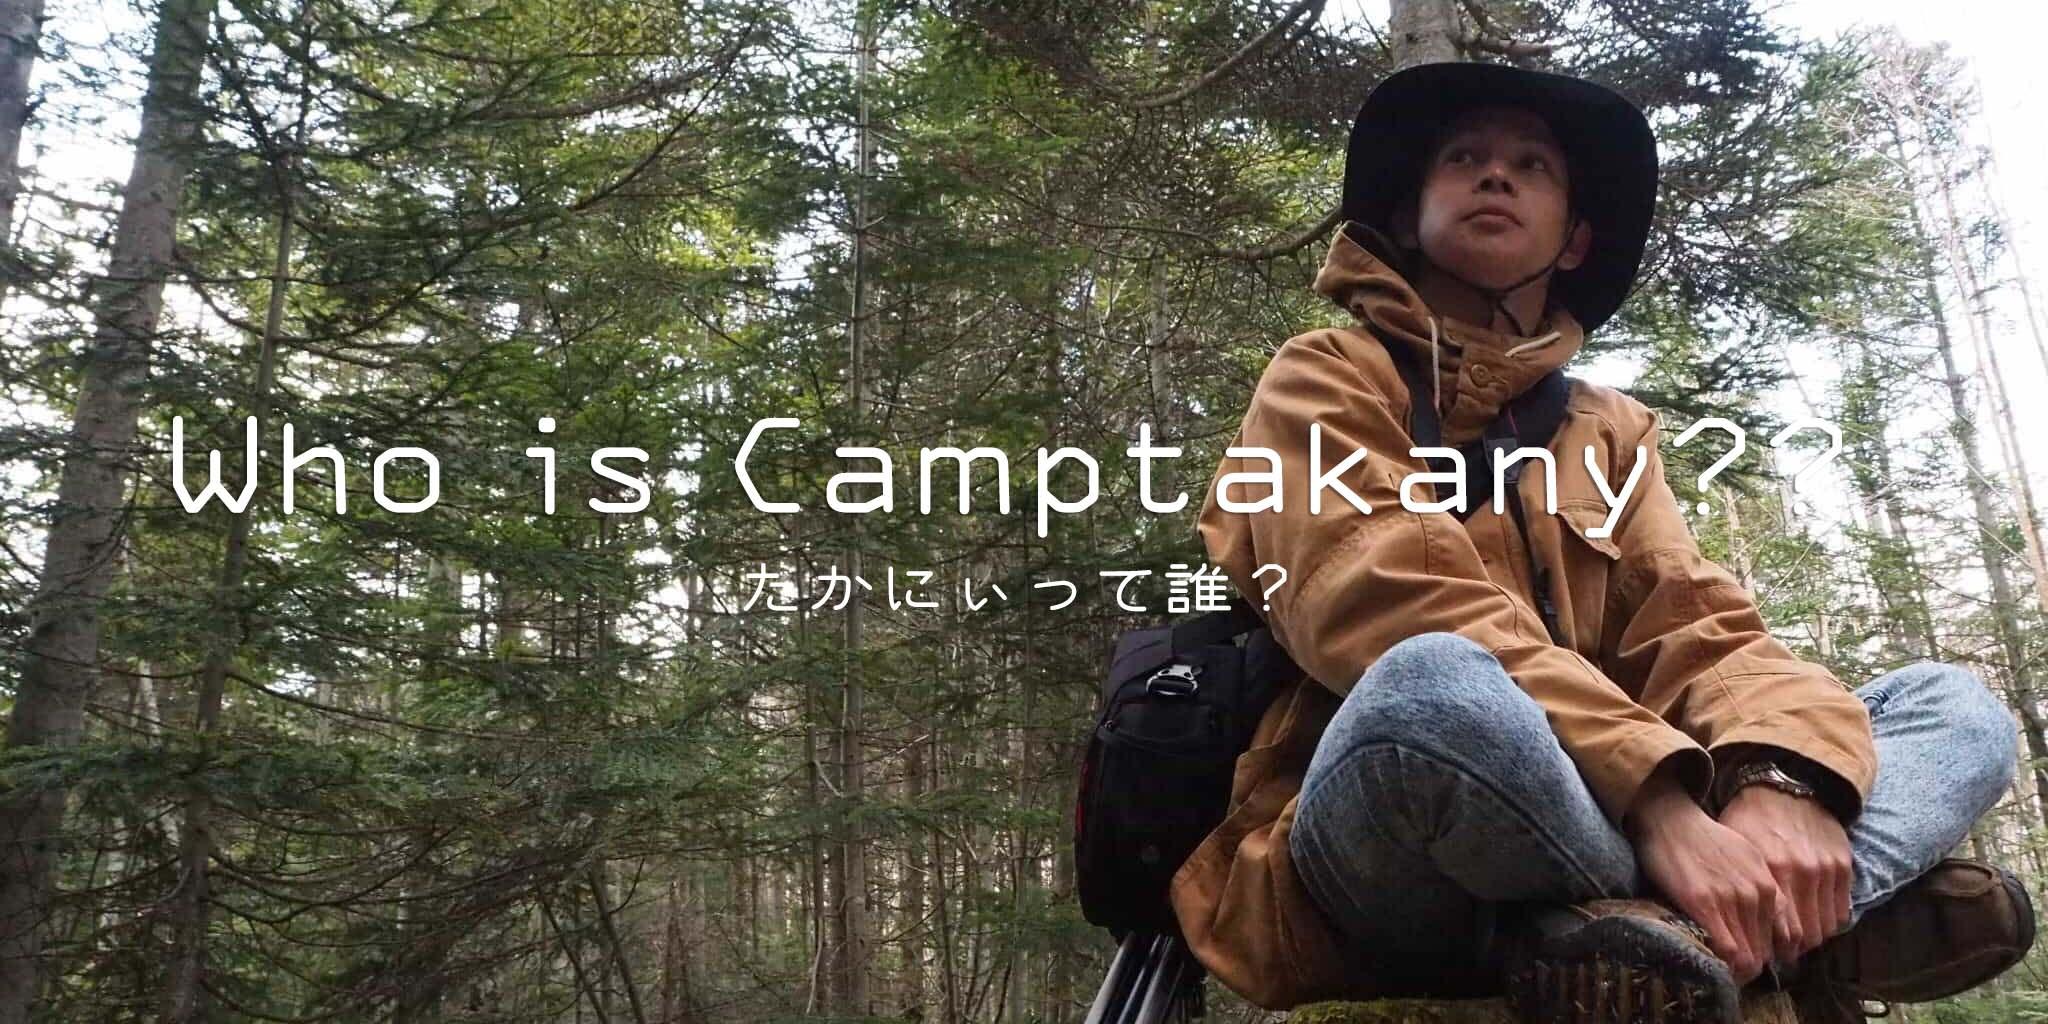 CAMPたかにぃとは??